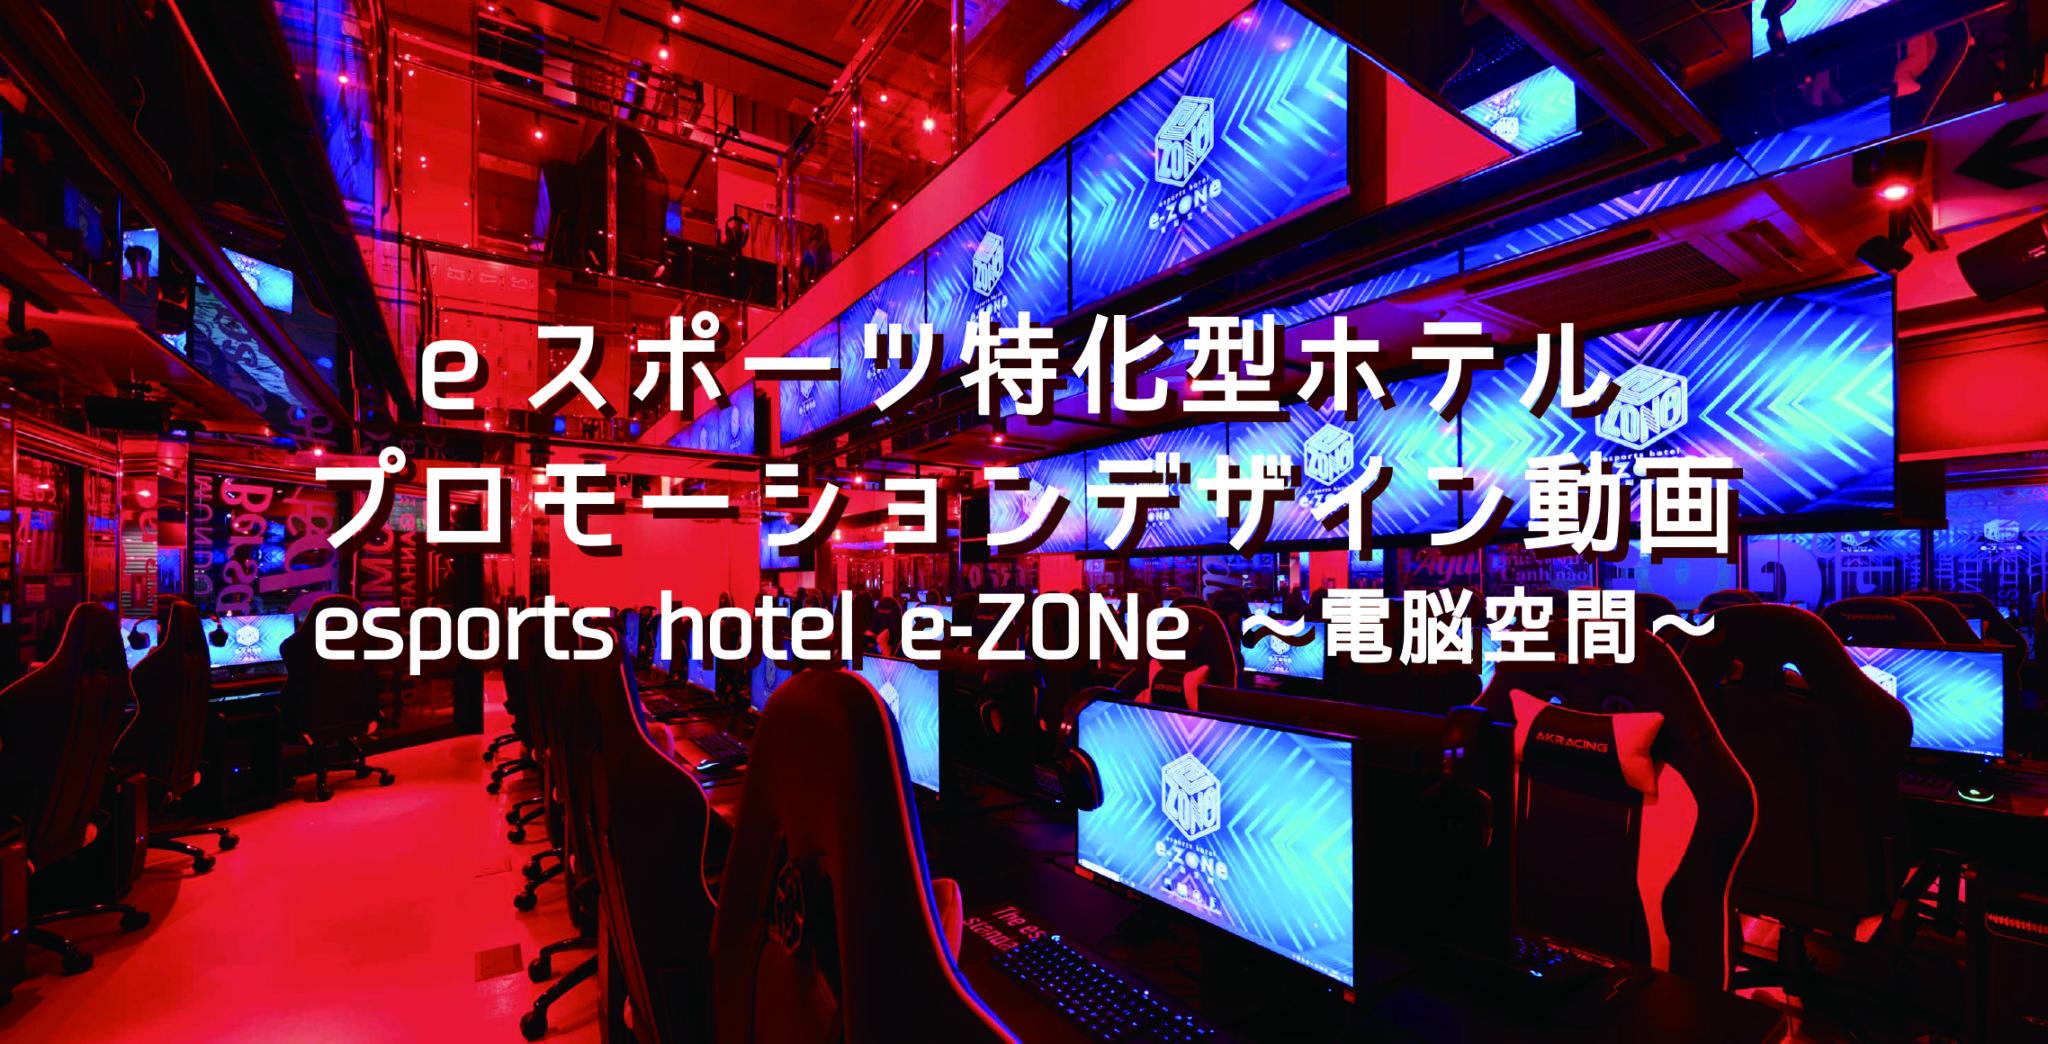 eスポーツ特化型ホテル プロモーションデザイン動画『esports hotel e-ZONe〜電脳空間〜』